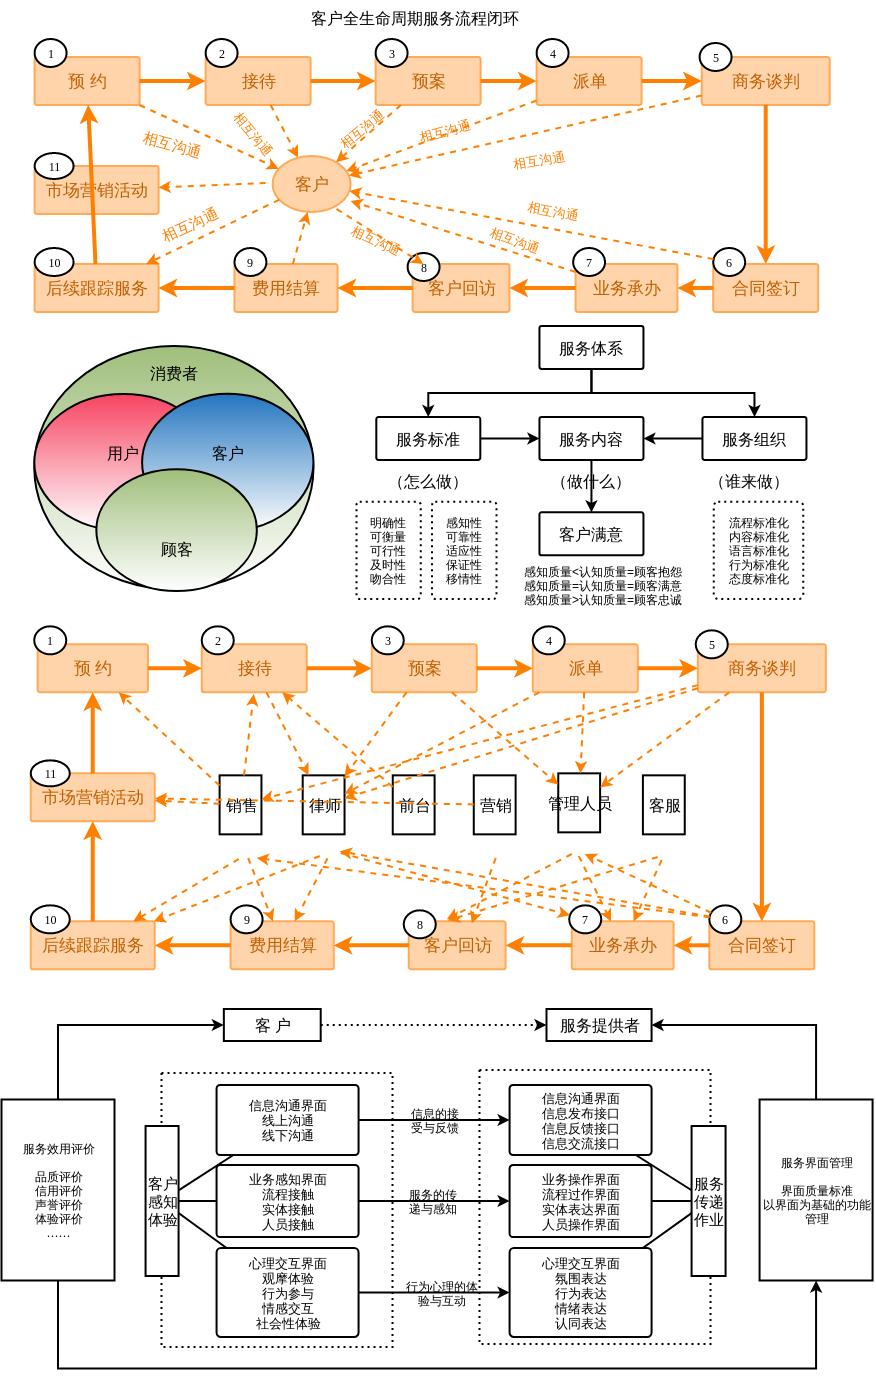 公司化律所服务流程梳理